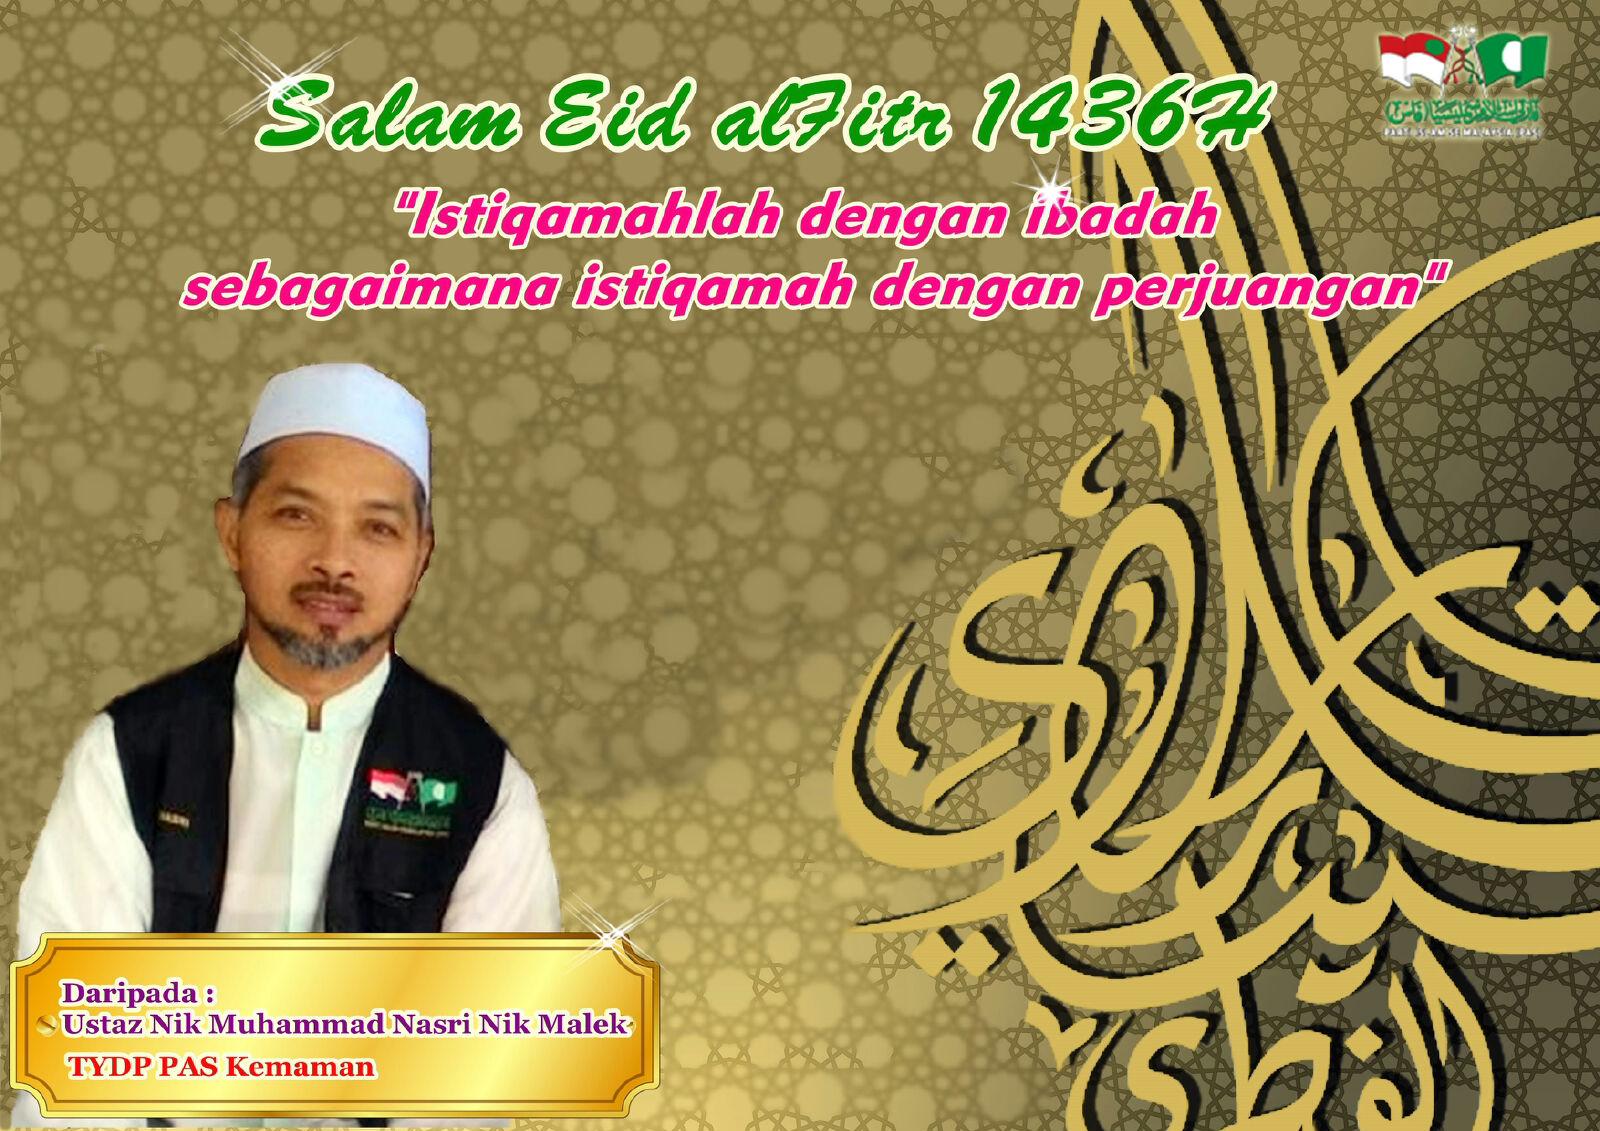 Salam Eid alFitr 1436H